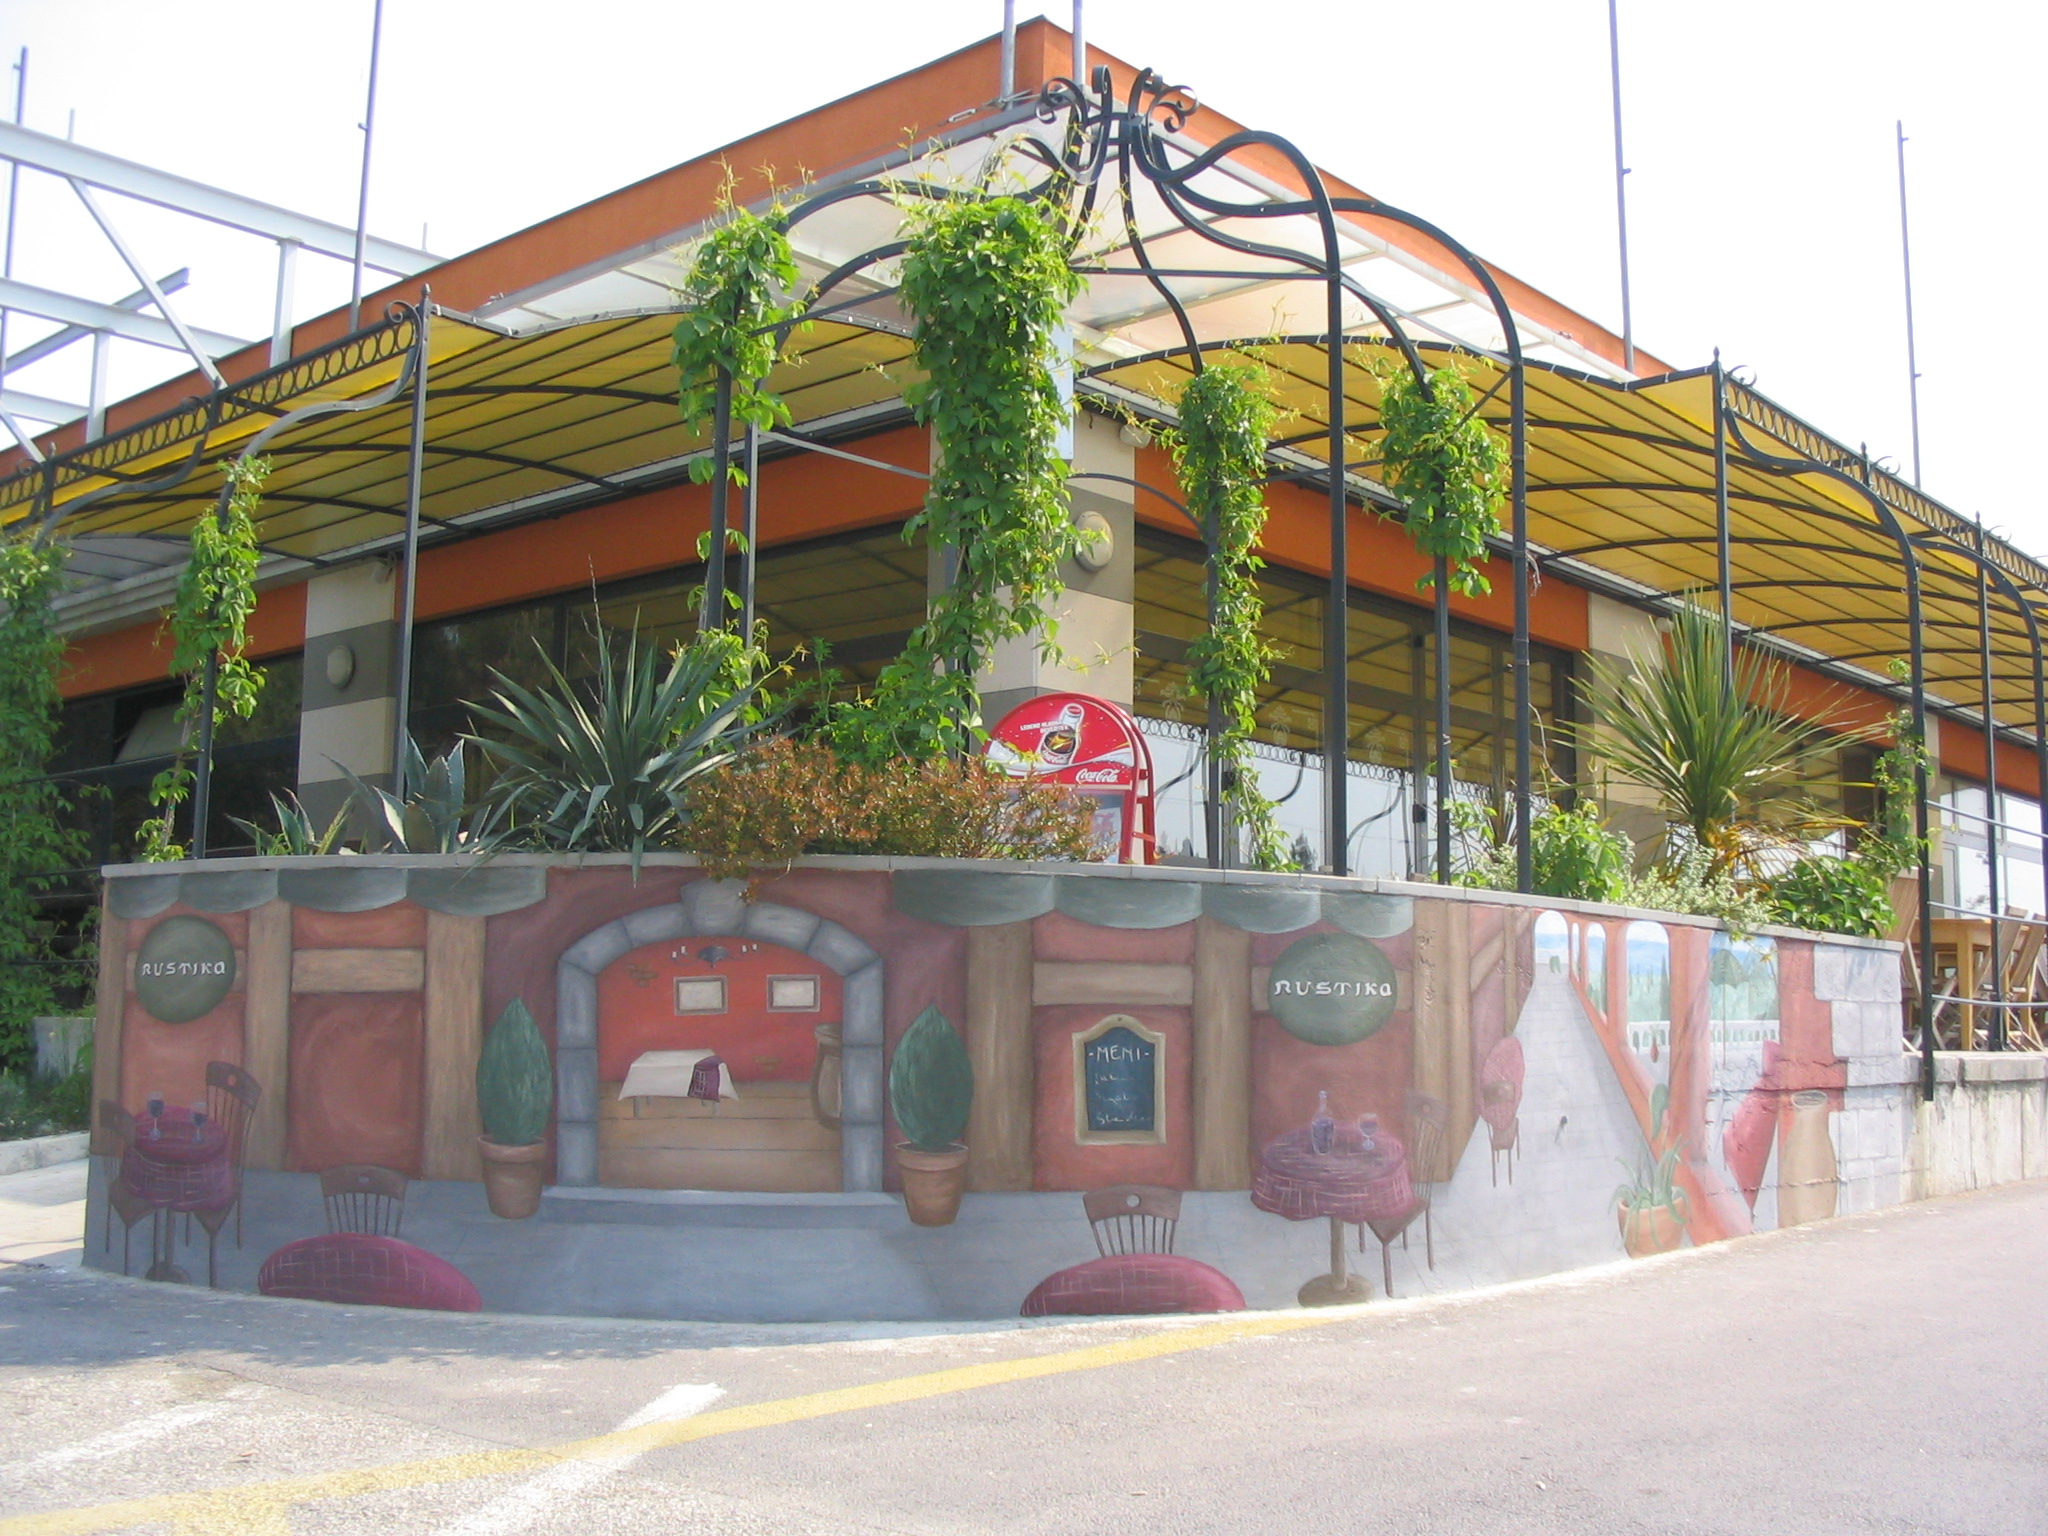 mural pizzeria